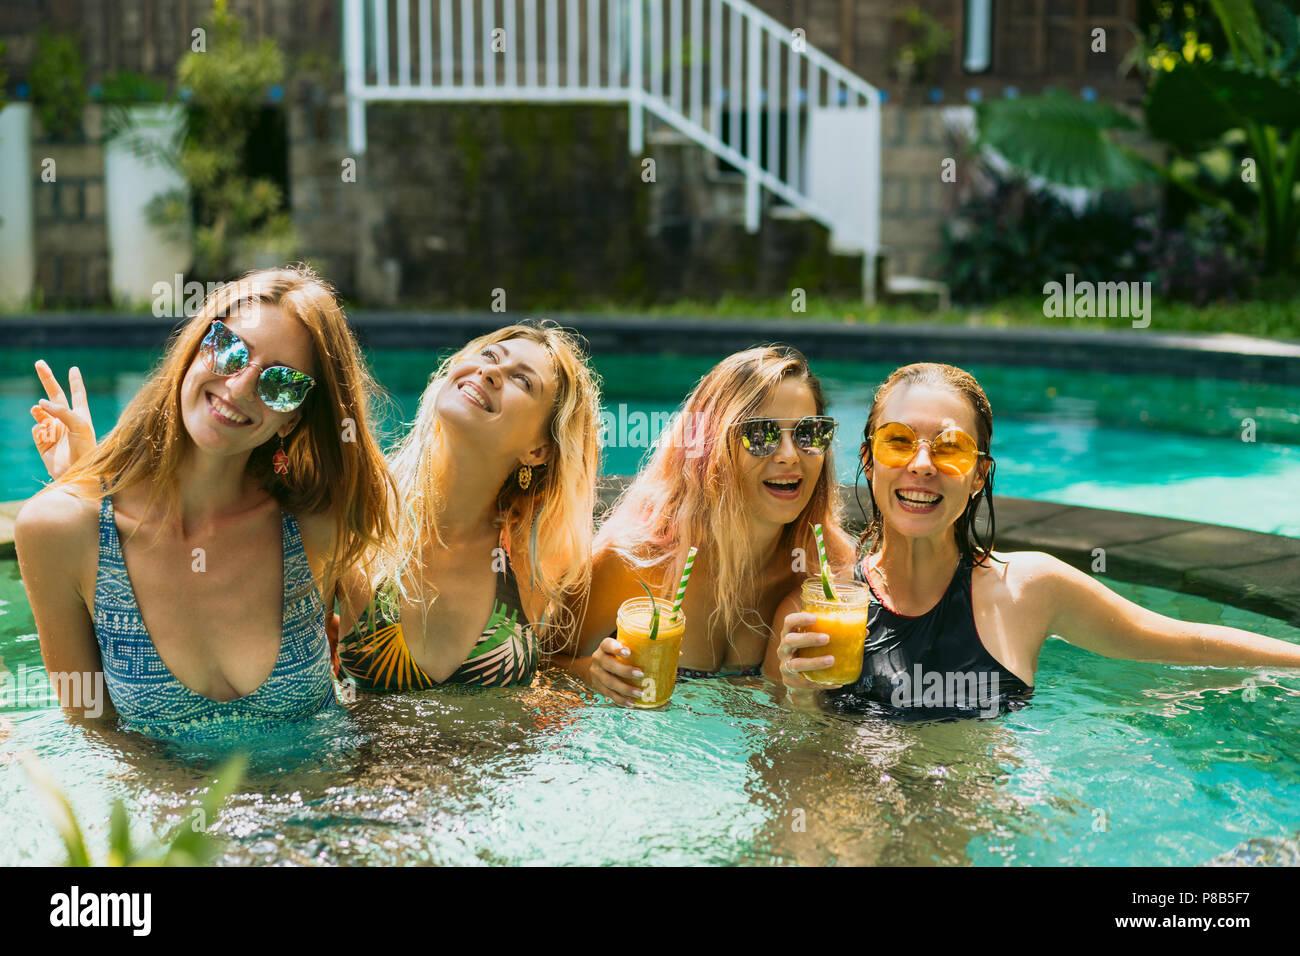 beautiful young women in swimwear having fun together at swimming pool - Stock Image